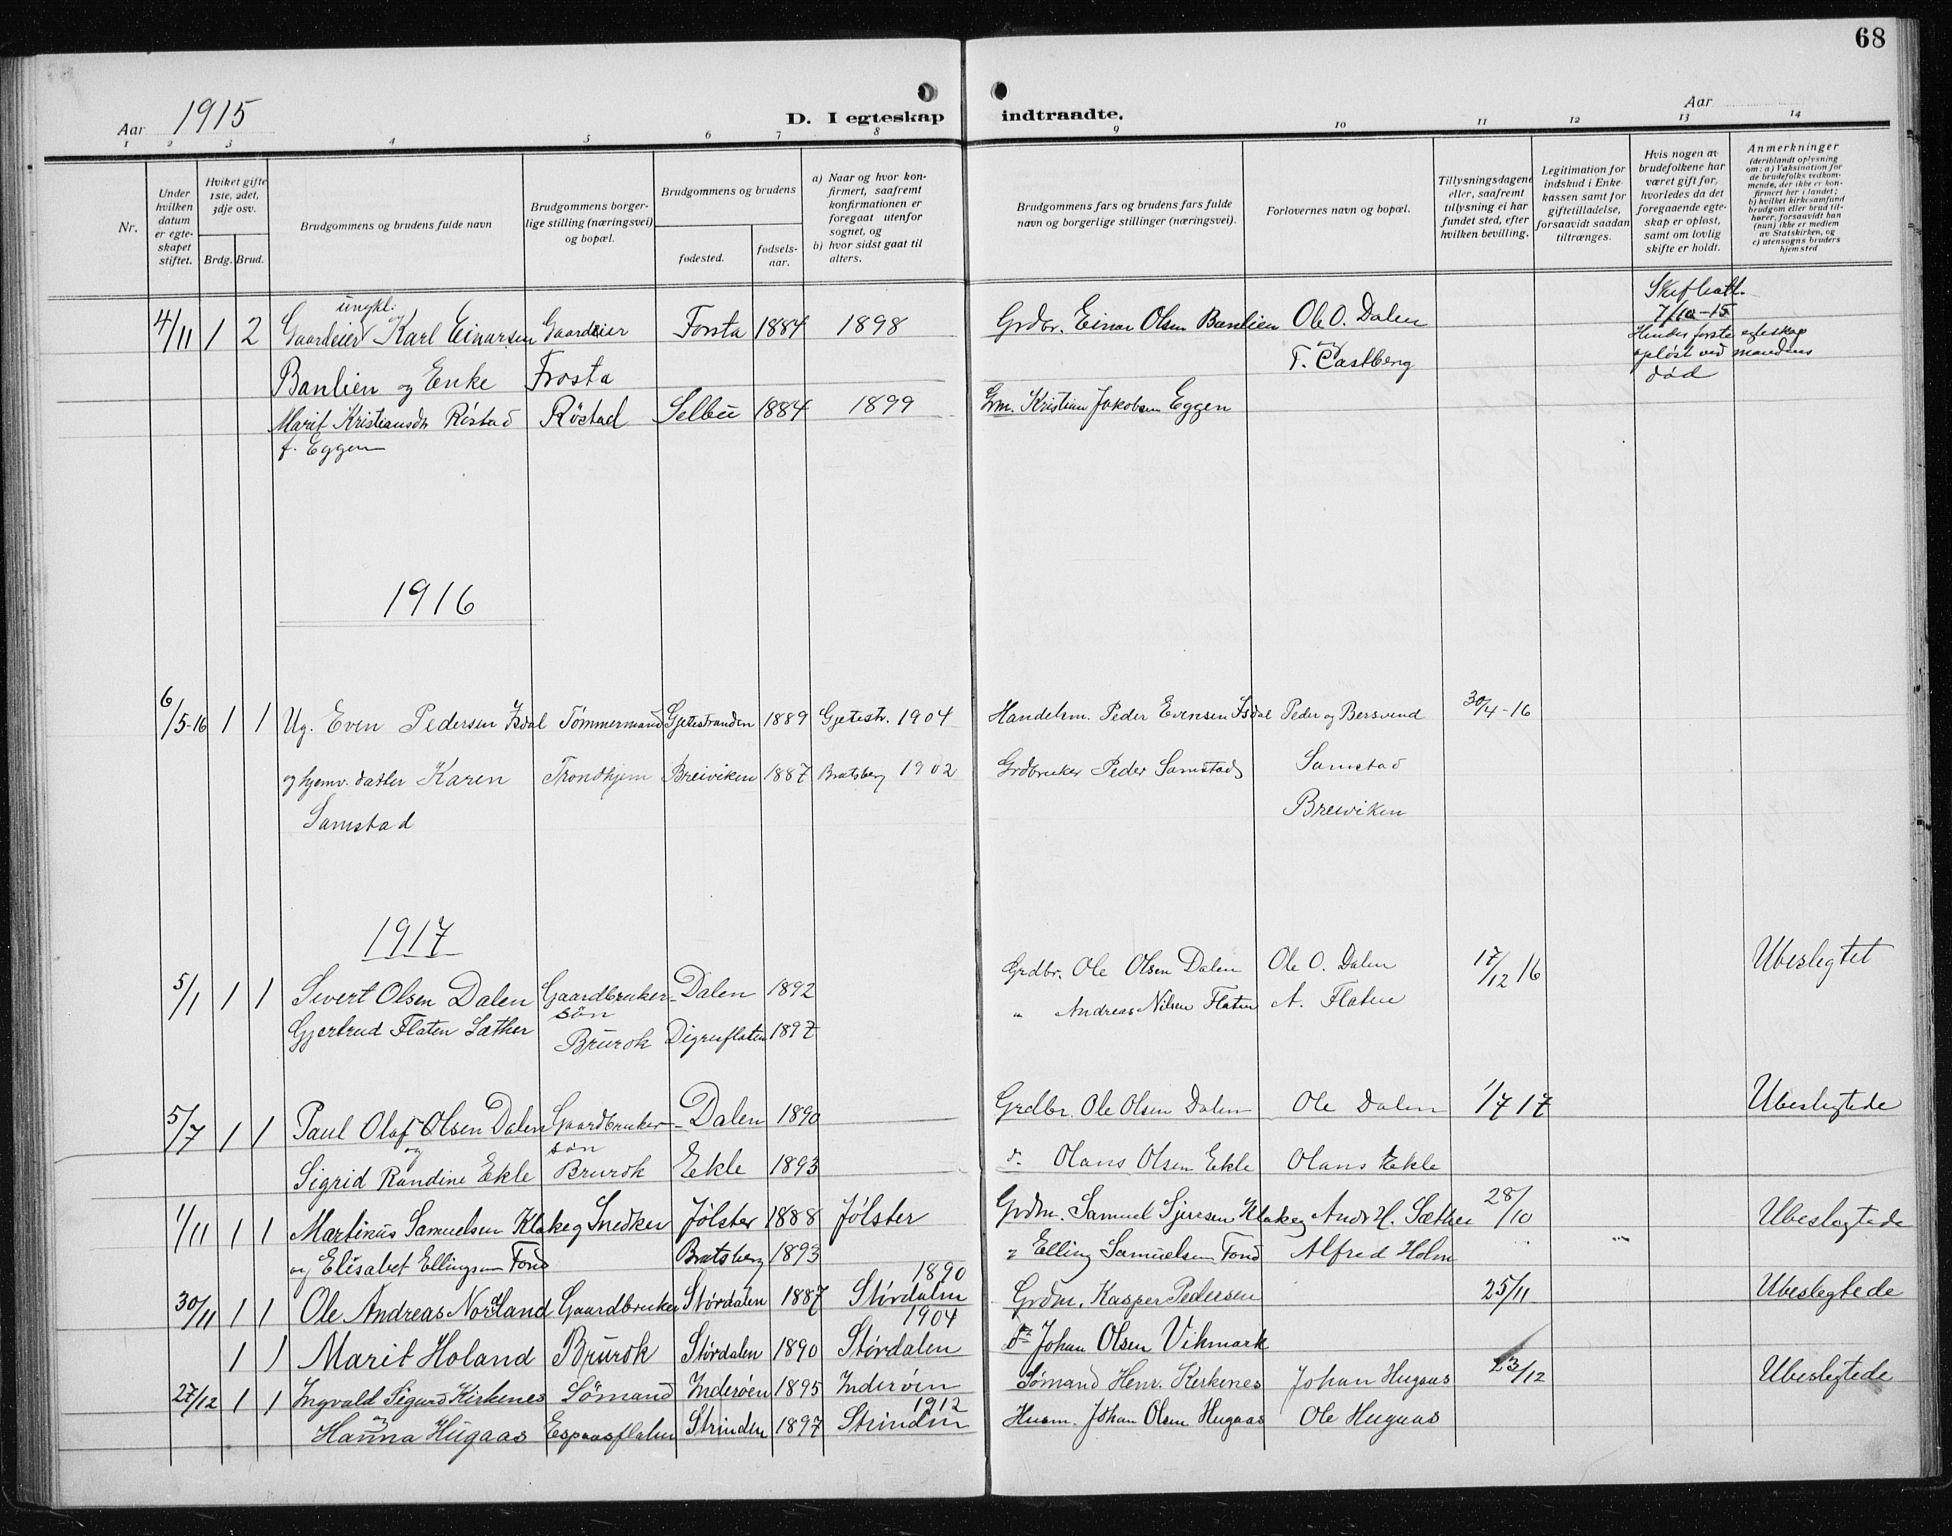 SAT, Ministerialprotokoller, klokkerbøker og fødselsregistre - Sør-Trøndelag, 608/L0342: Klokkerbok nr. 608C08, 1912-1938, s. 68